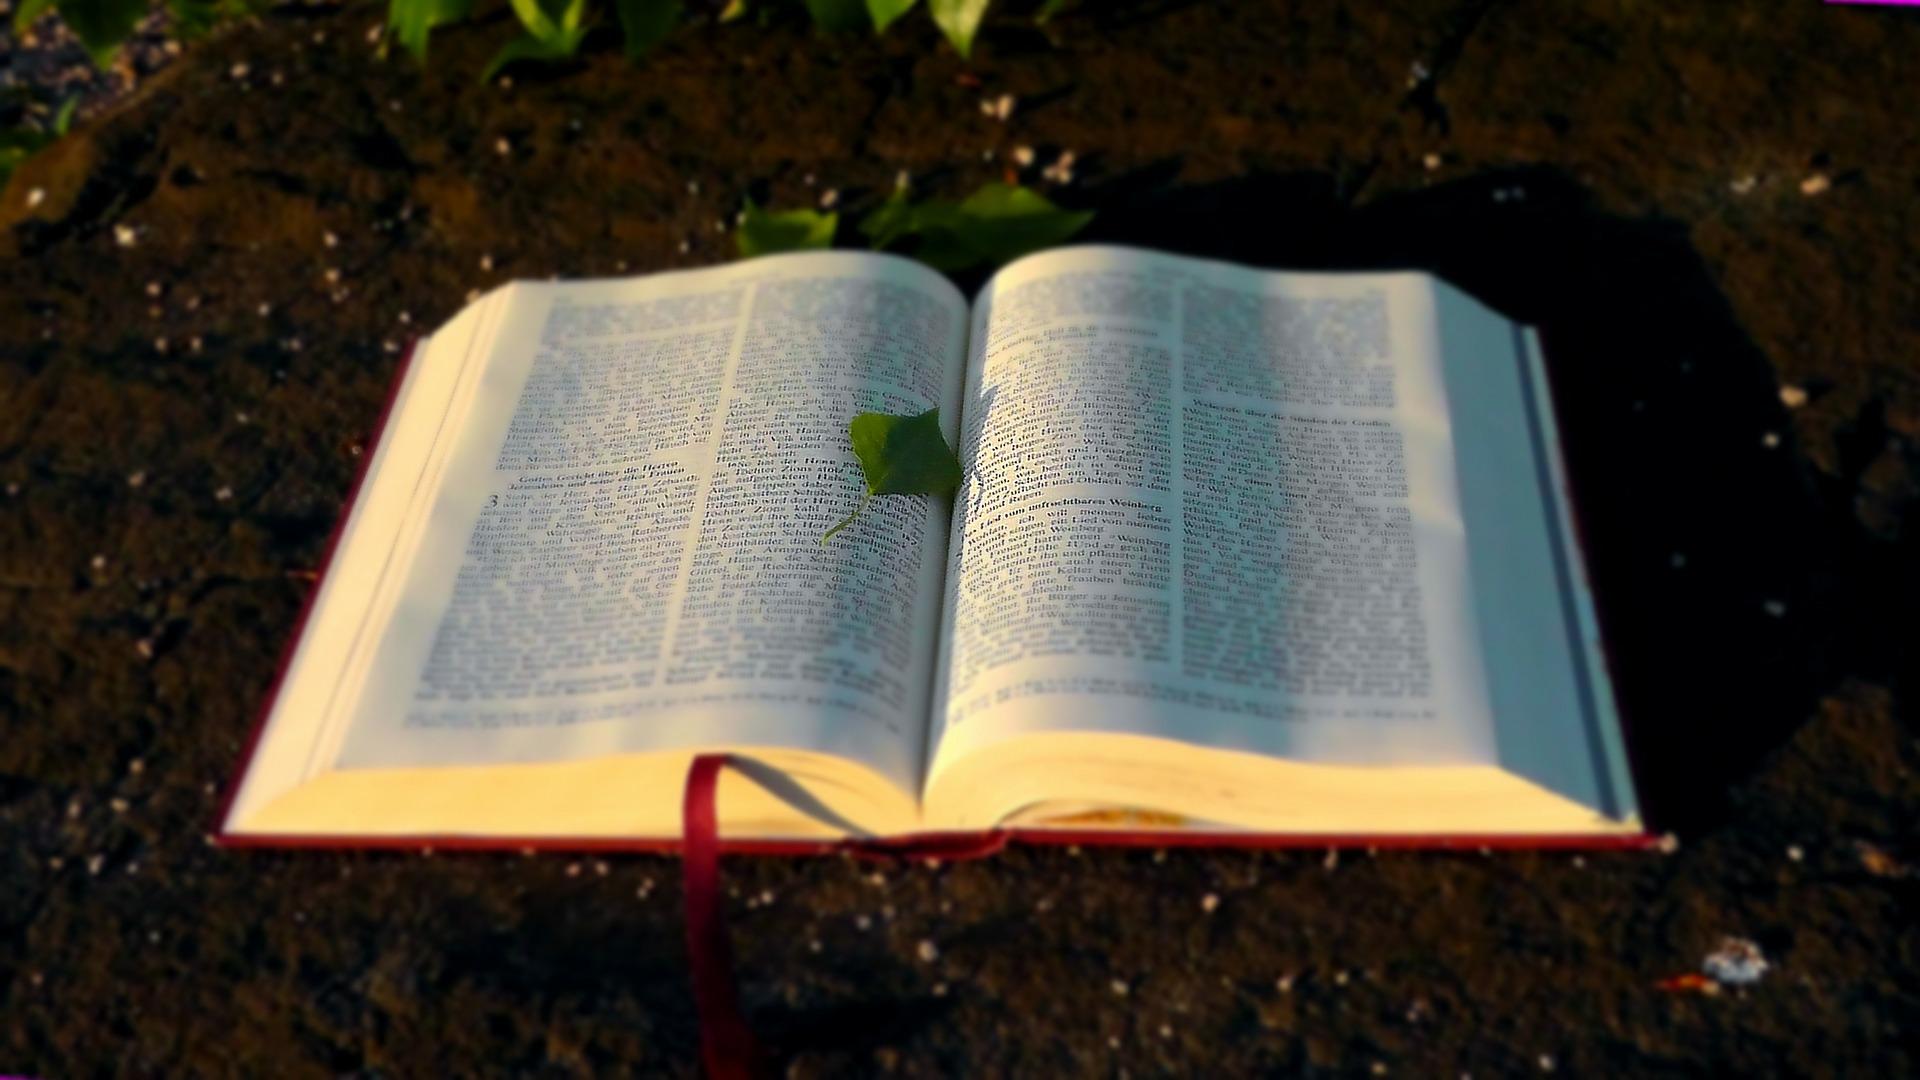 Cele mai citite cărţi din toate timpurile – Biblia